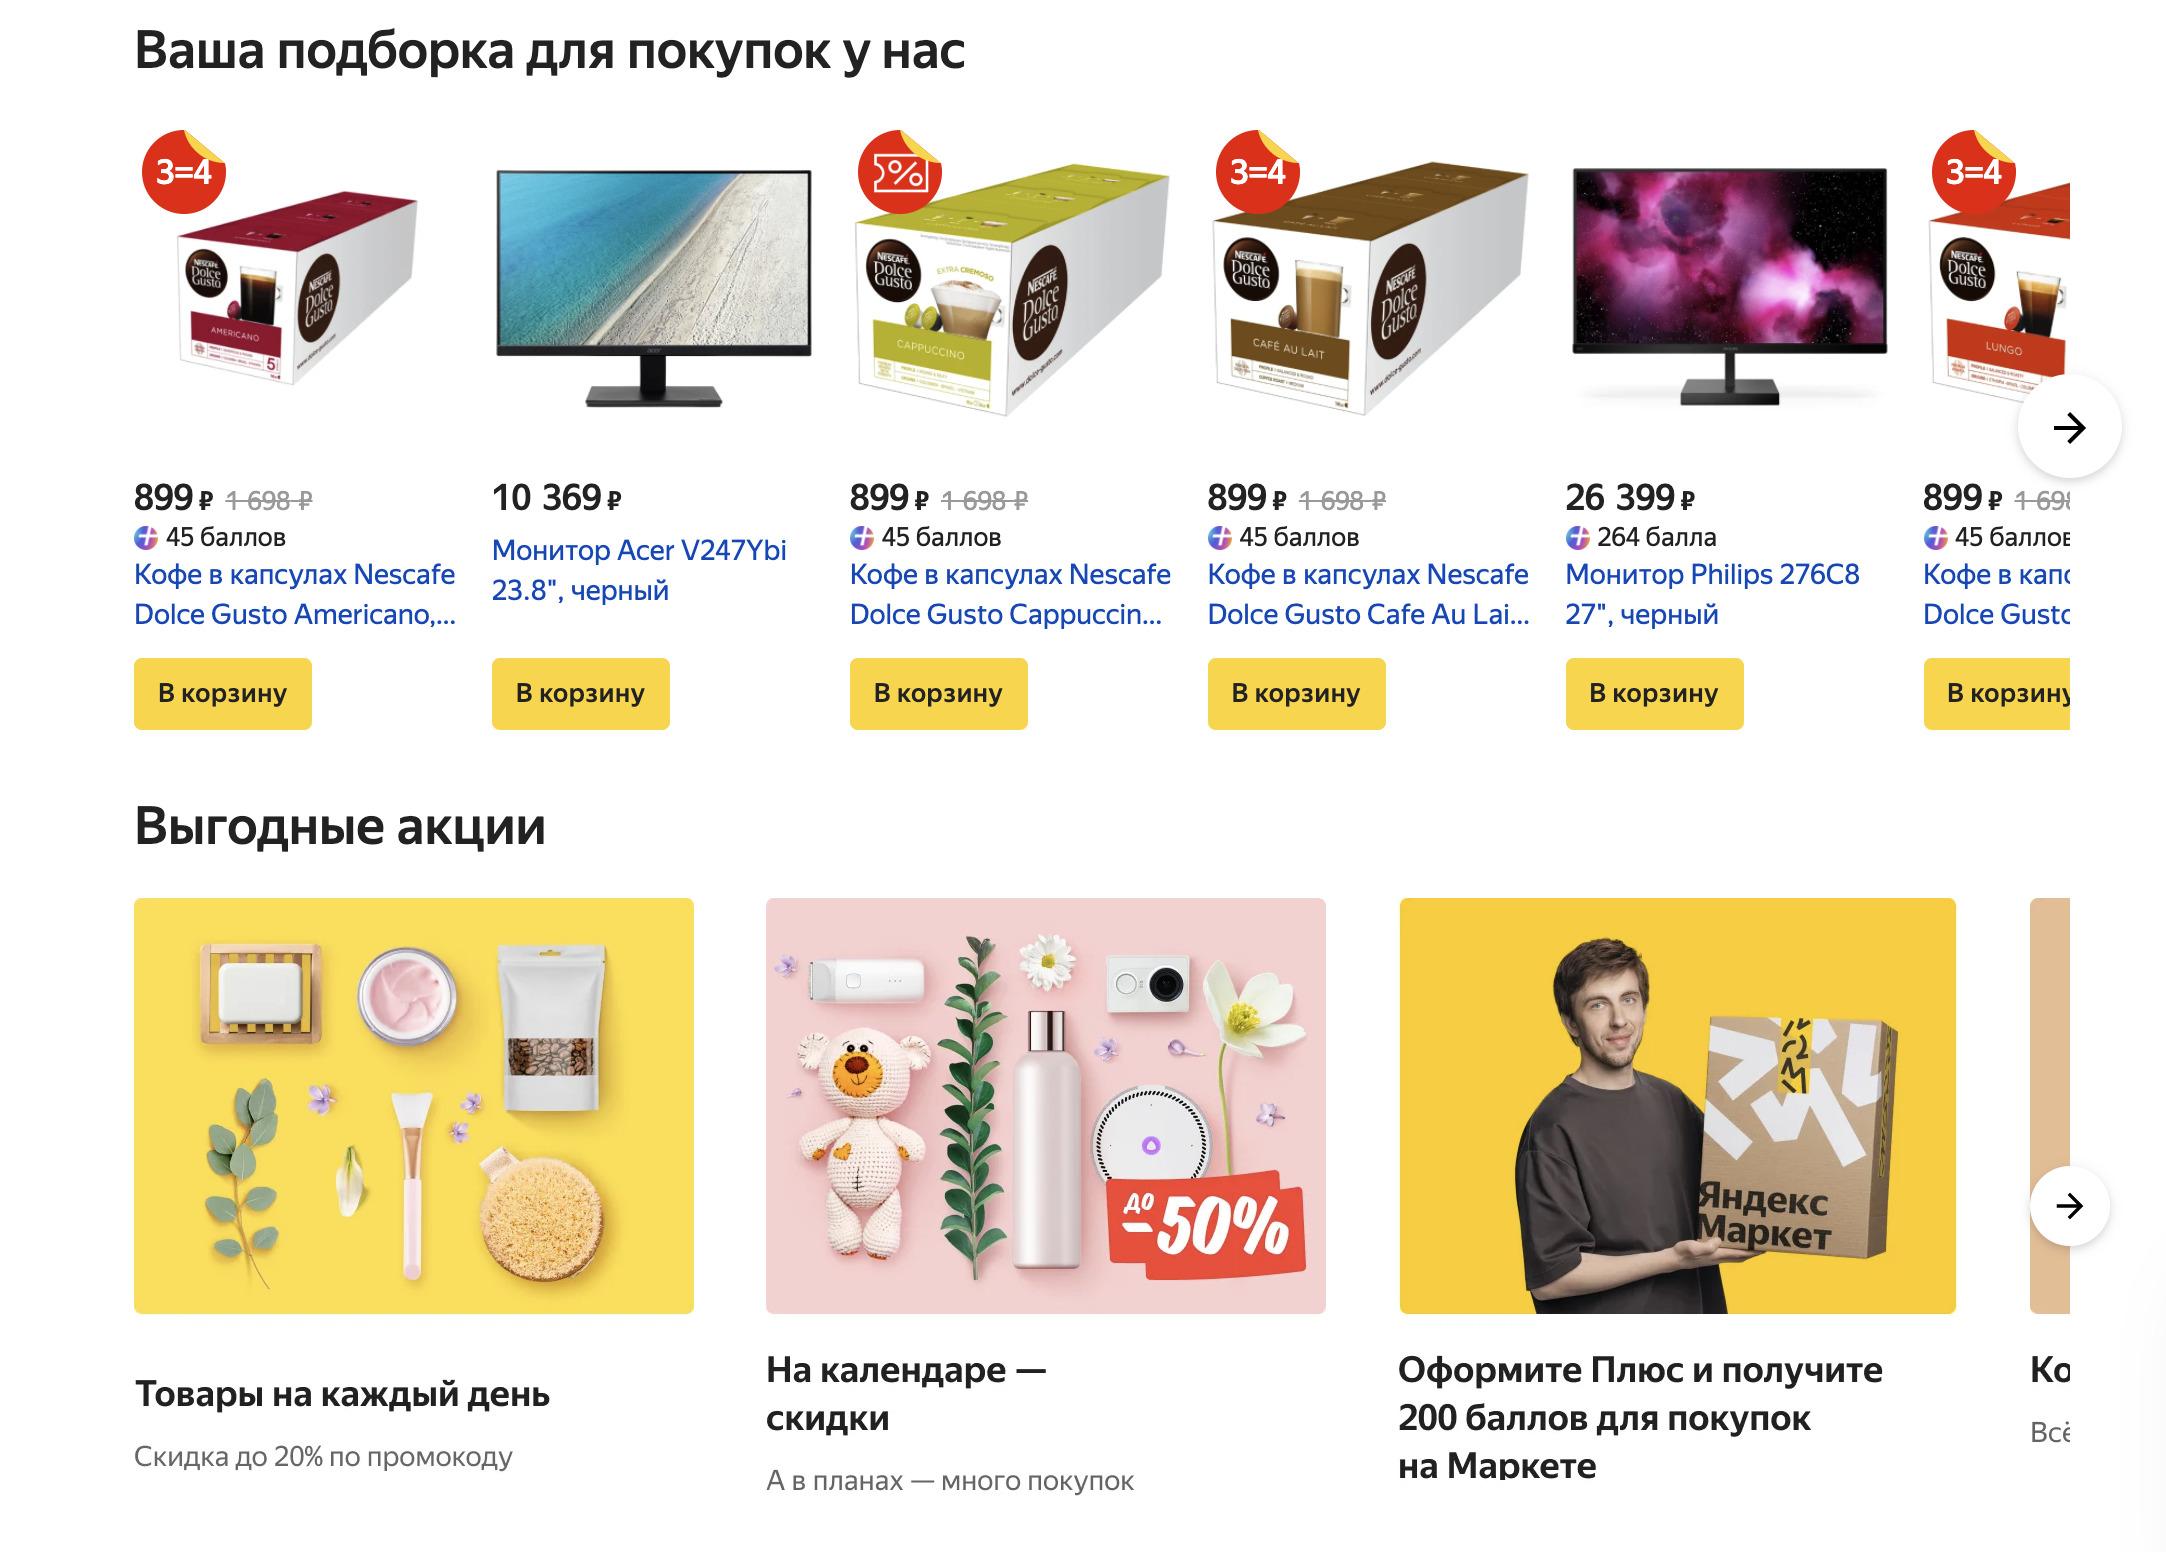 Доставка из Яндекс.Маркет в Калужскую область, сроки, пункты выдачи, каталог